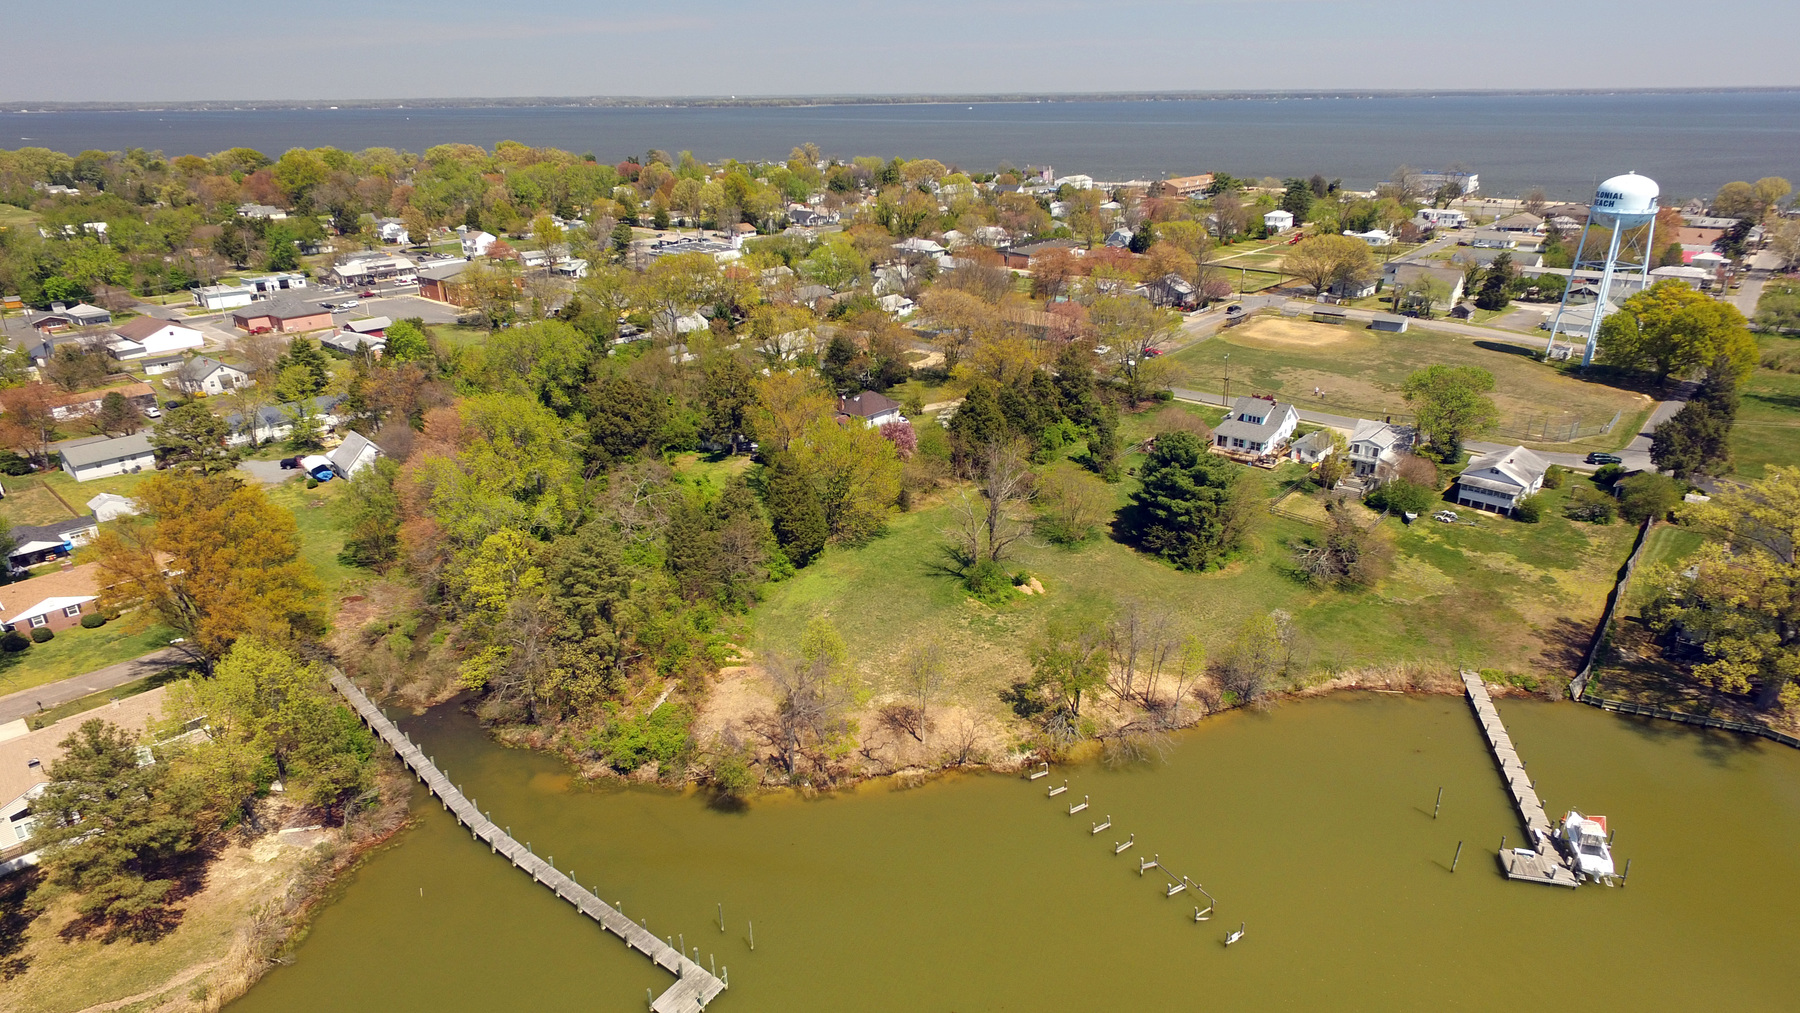 土地 為 出售 在 300 Lynnhaven Avenue, Colonial Beach Colonial Beach, 弗吉尼亞州 22443 美國